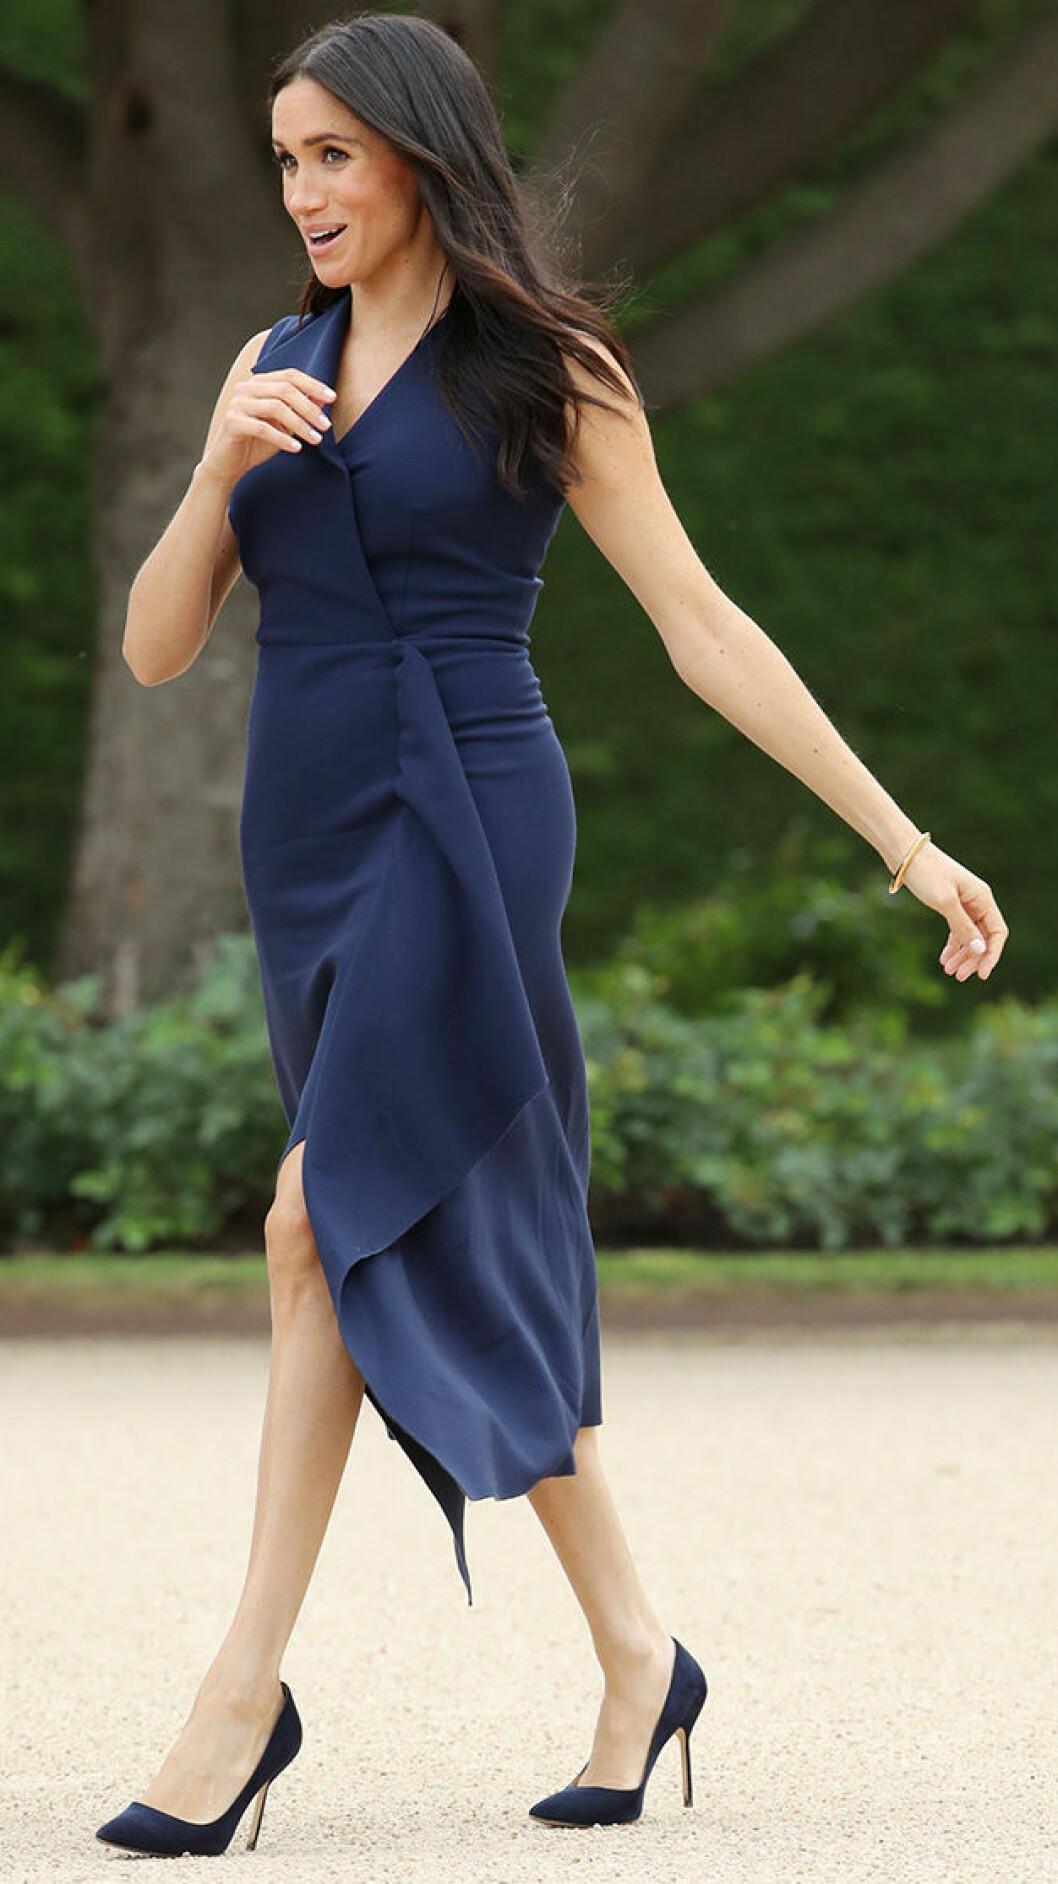 En bild på den brittiska hertiginnan Meghan Markle i en mörkblå klänning.